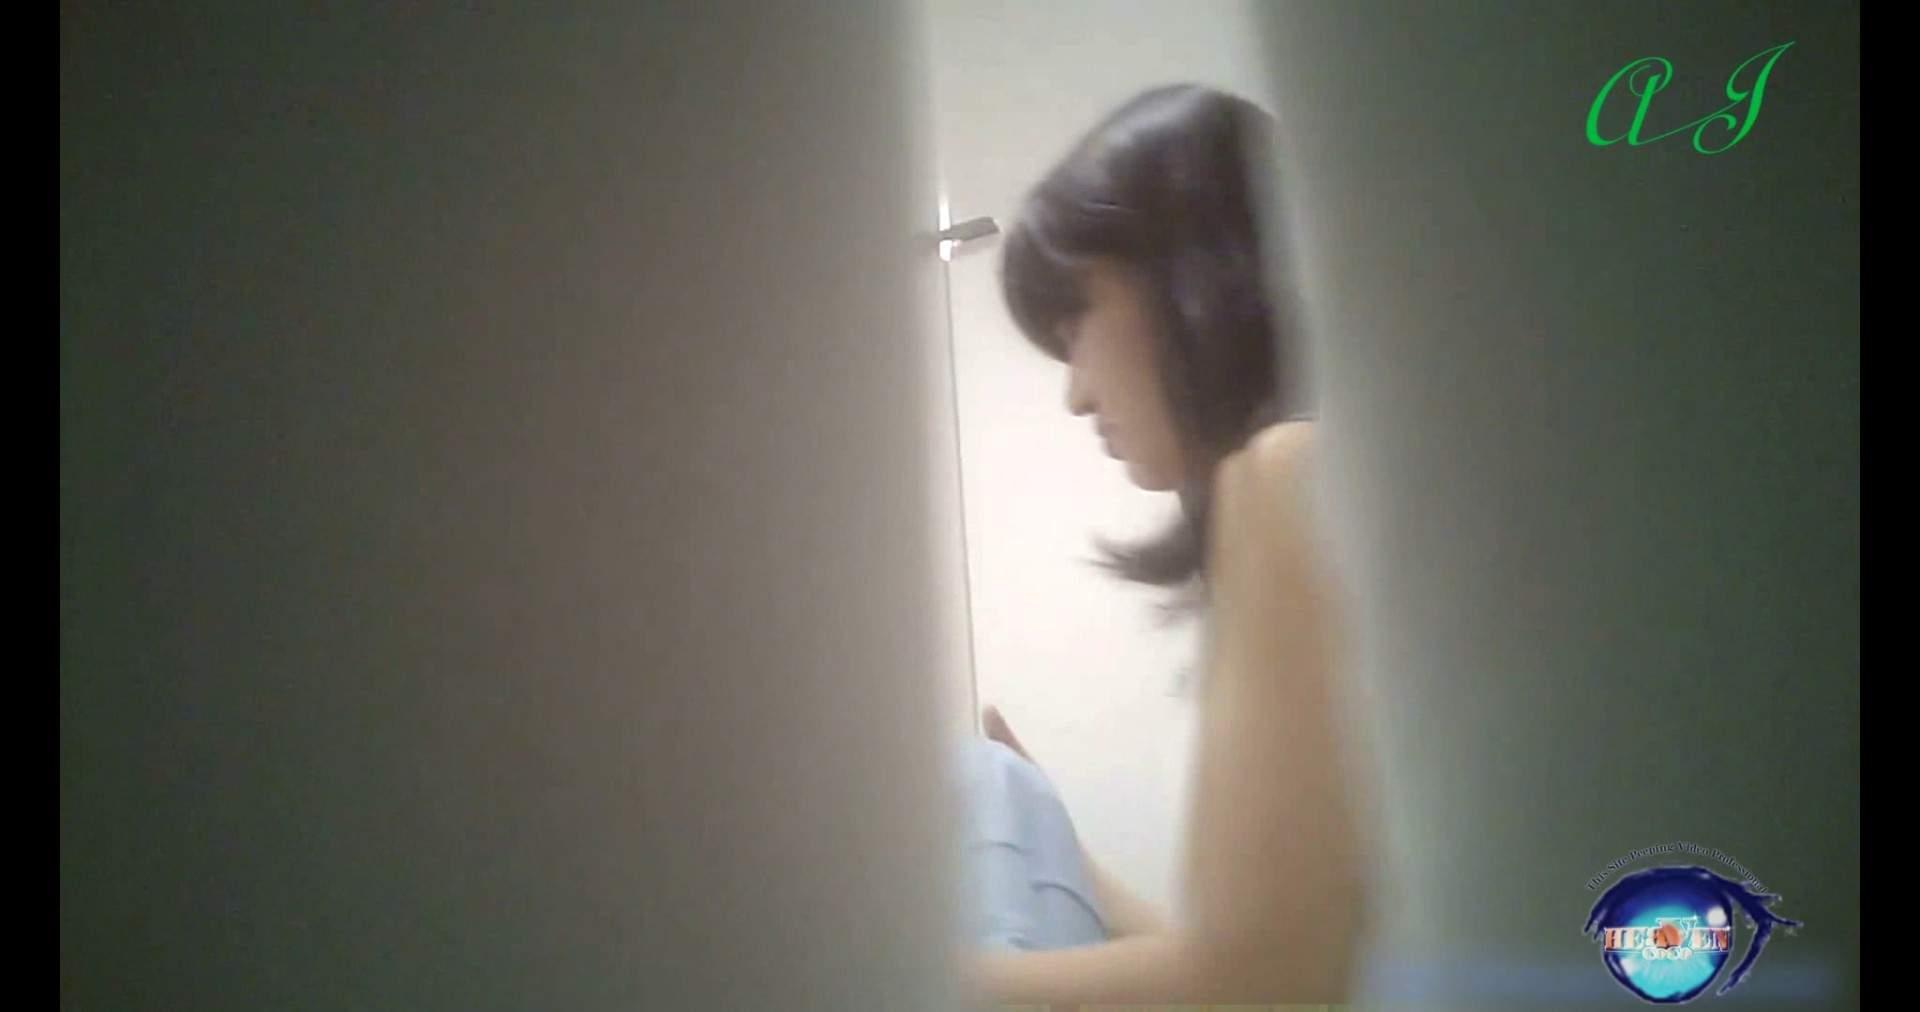 素敵なパンストお姉さん 有名大学女性洗面所 vol.73 投稿 おめこ無修正動画無料 72画像 17